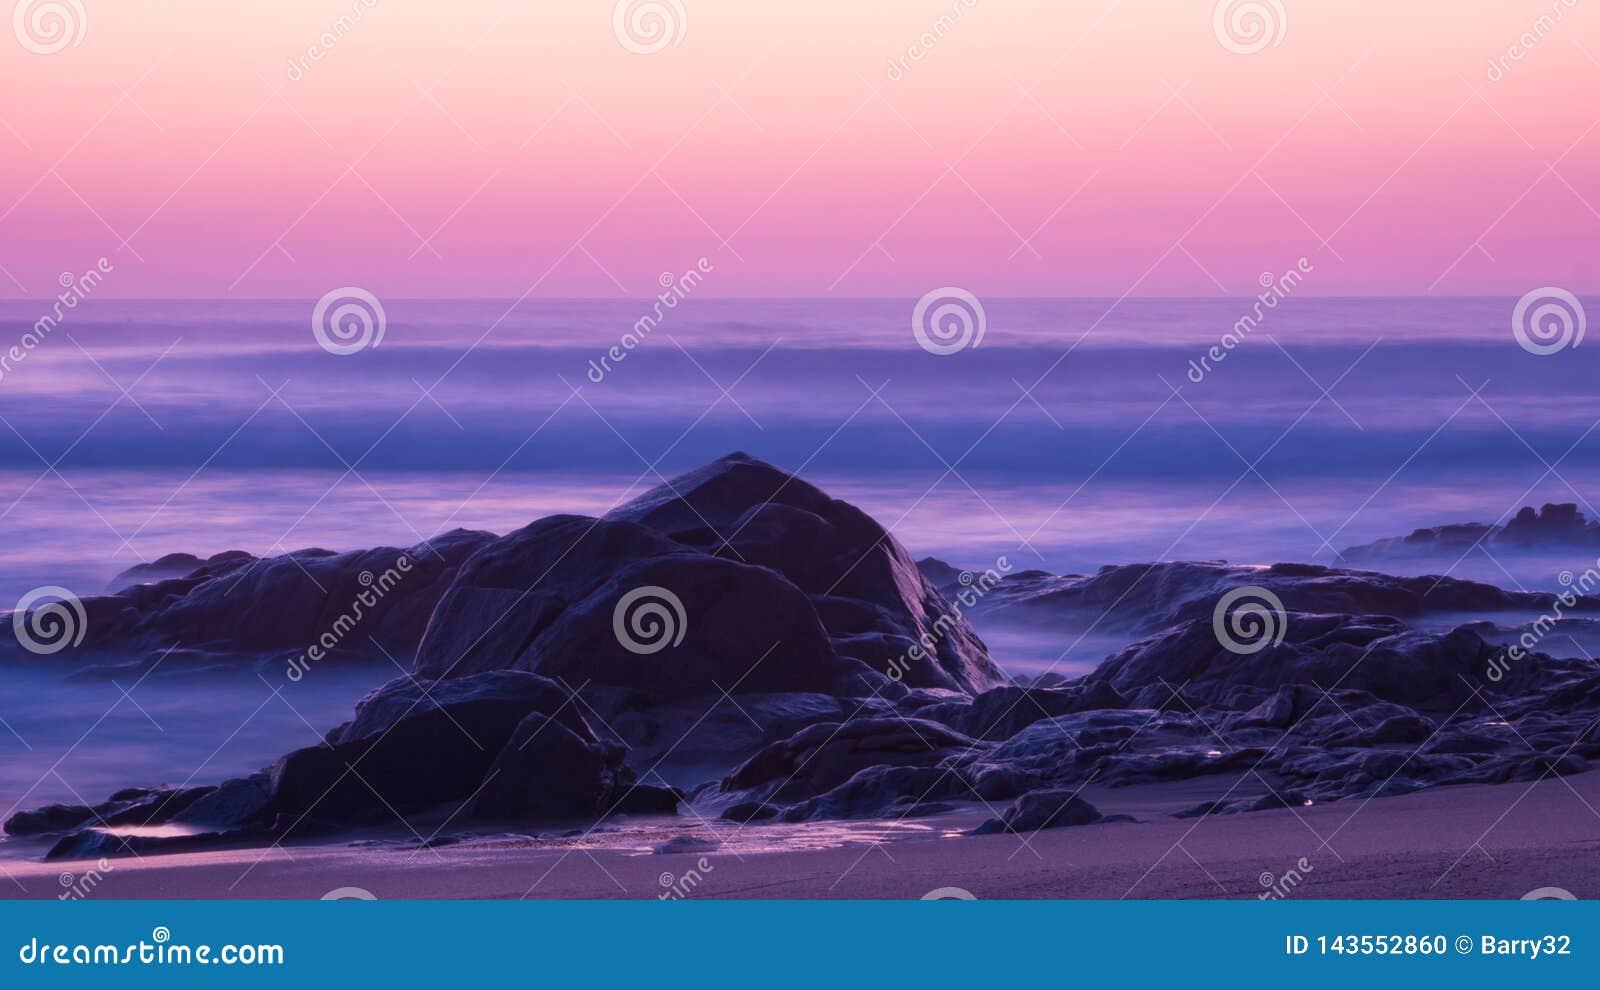 Долгая выдержка снятая на сумраке над океаном с утесами в переднем плане и milky волнах позади